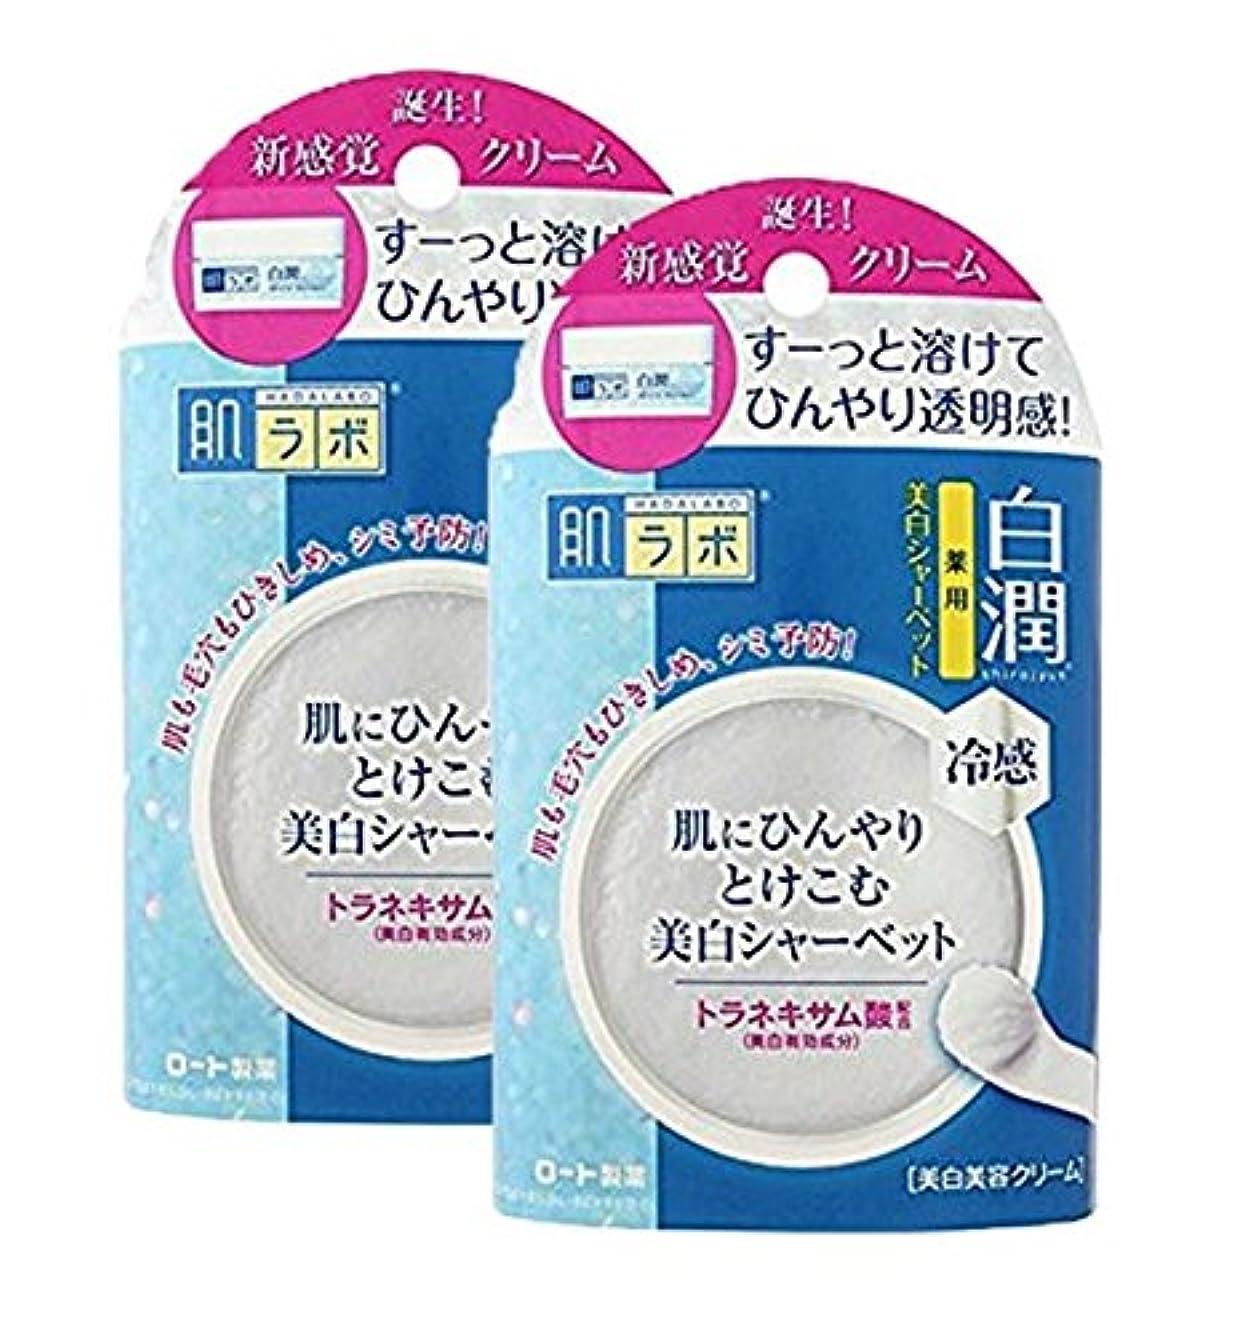 専門用語ポインタ解放する肌ラボ 白潤 冷感美白シャーベット30g (医薬部外品)×2